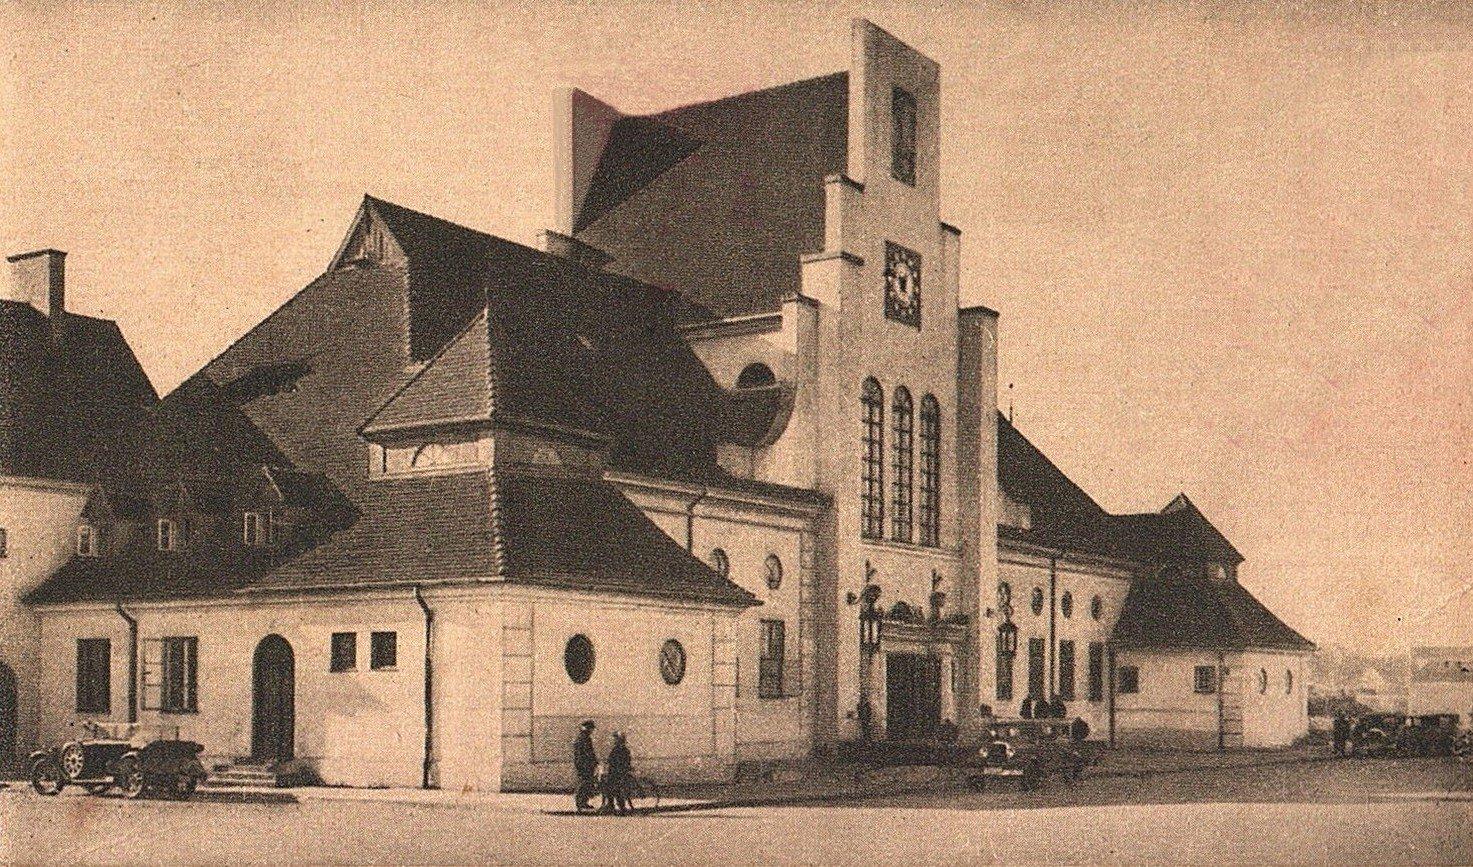 Gdynia Głowna, 1926-30. Photo source: Aukcje Internetowe / Fotopolska.pl